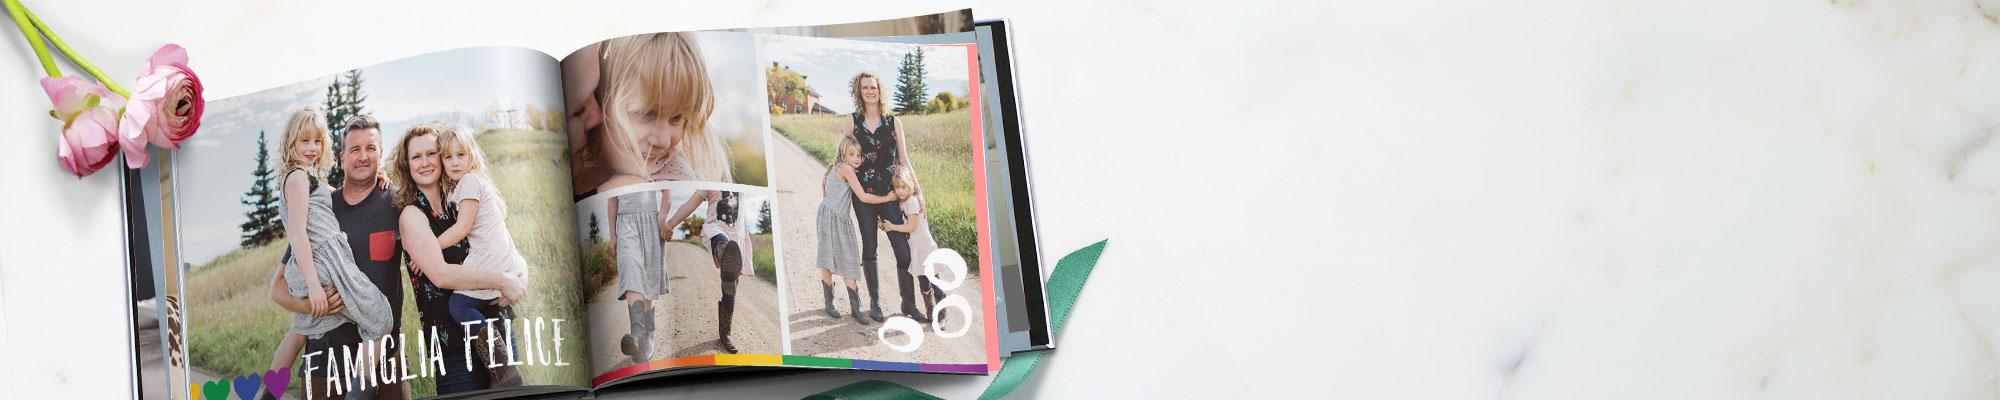 FotoLibri Racconta la tua storia con un fotolibro: una vacanza, un compleanno, una festa in famiglia... momenti speciali.